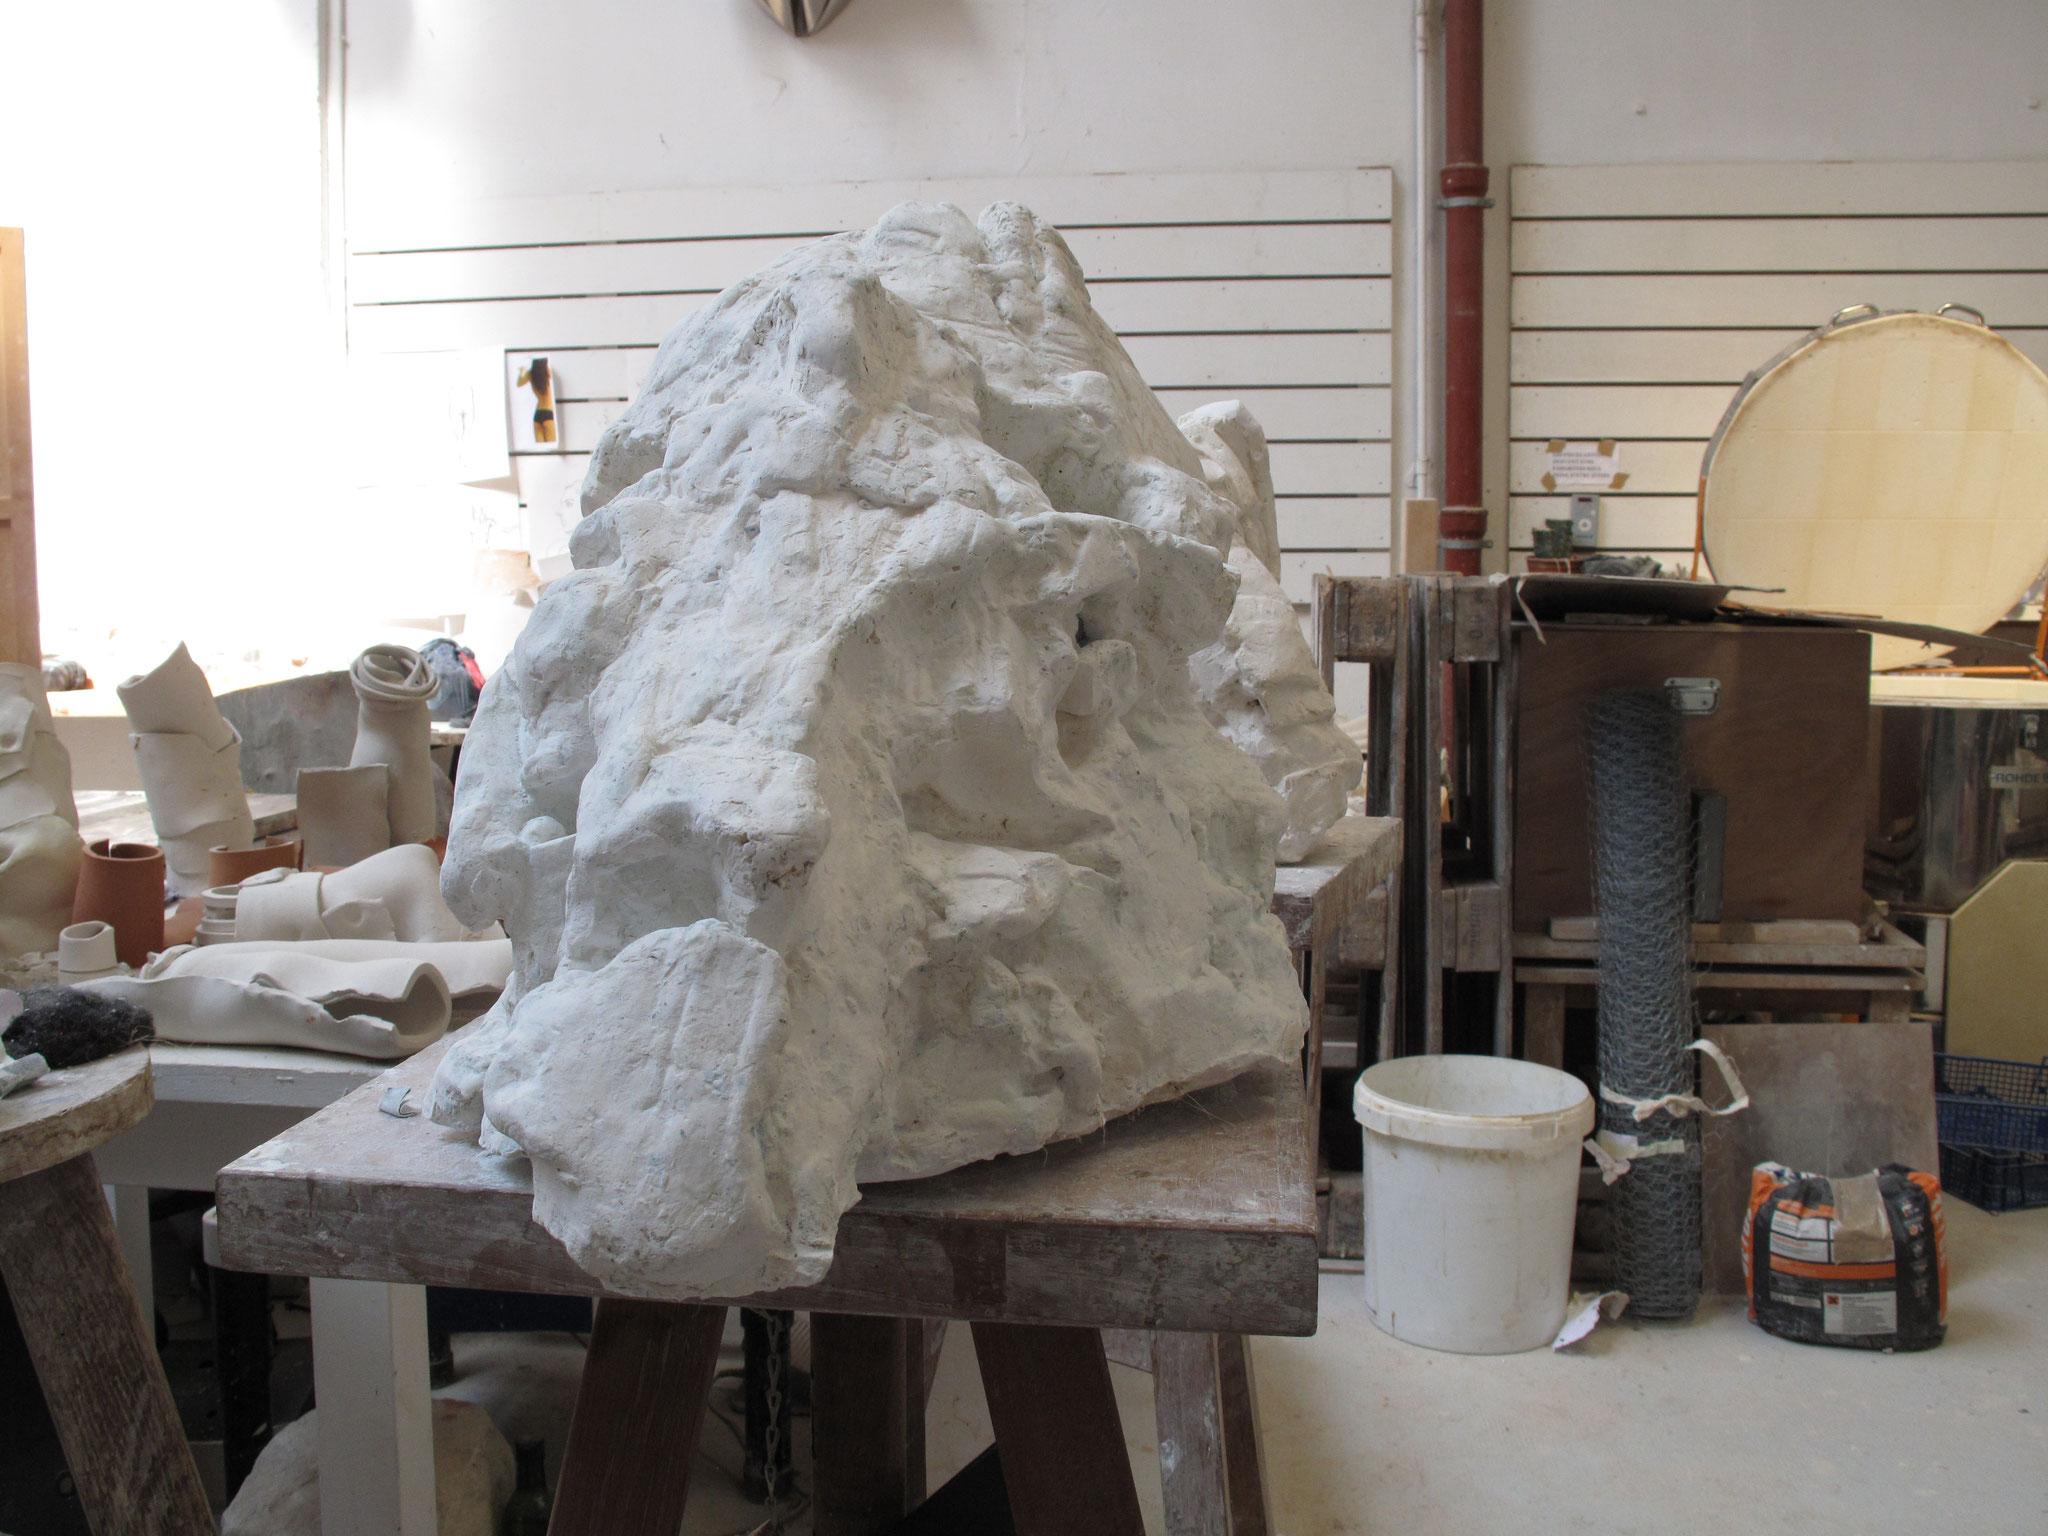 Tête de Mammouth. Plâtre, 2012-2013